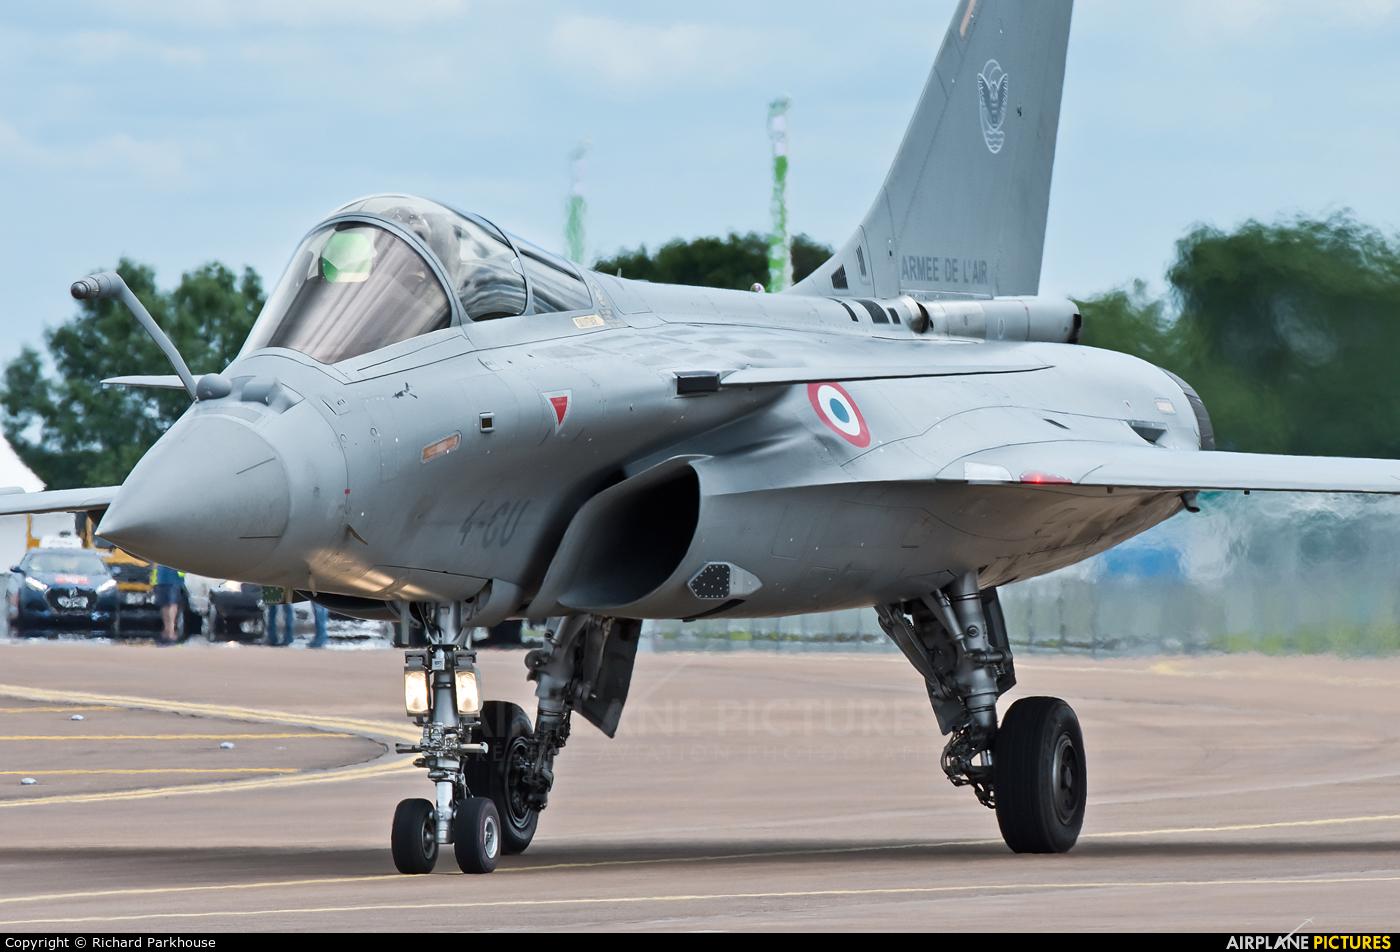 France - Air Force 4-GU aircraft at Fairford